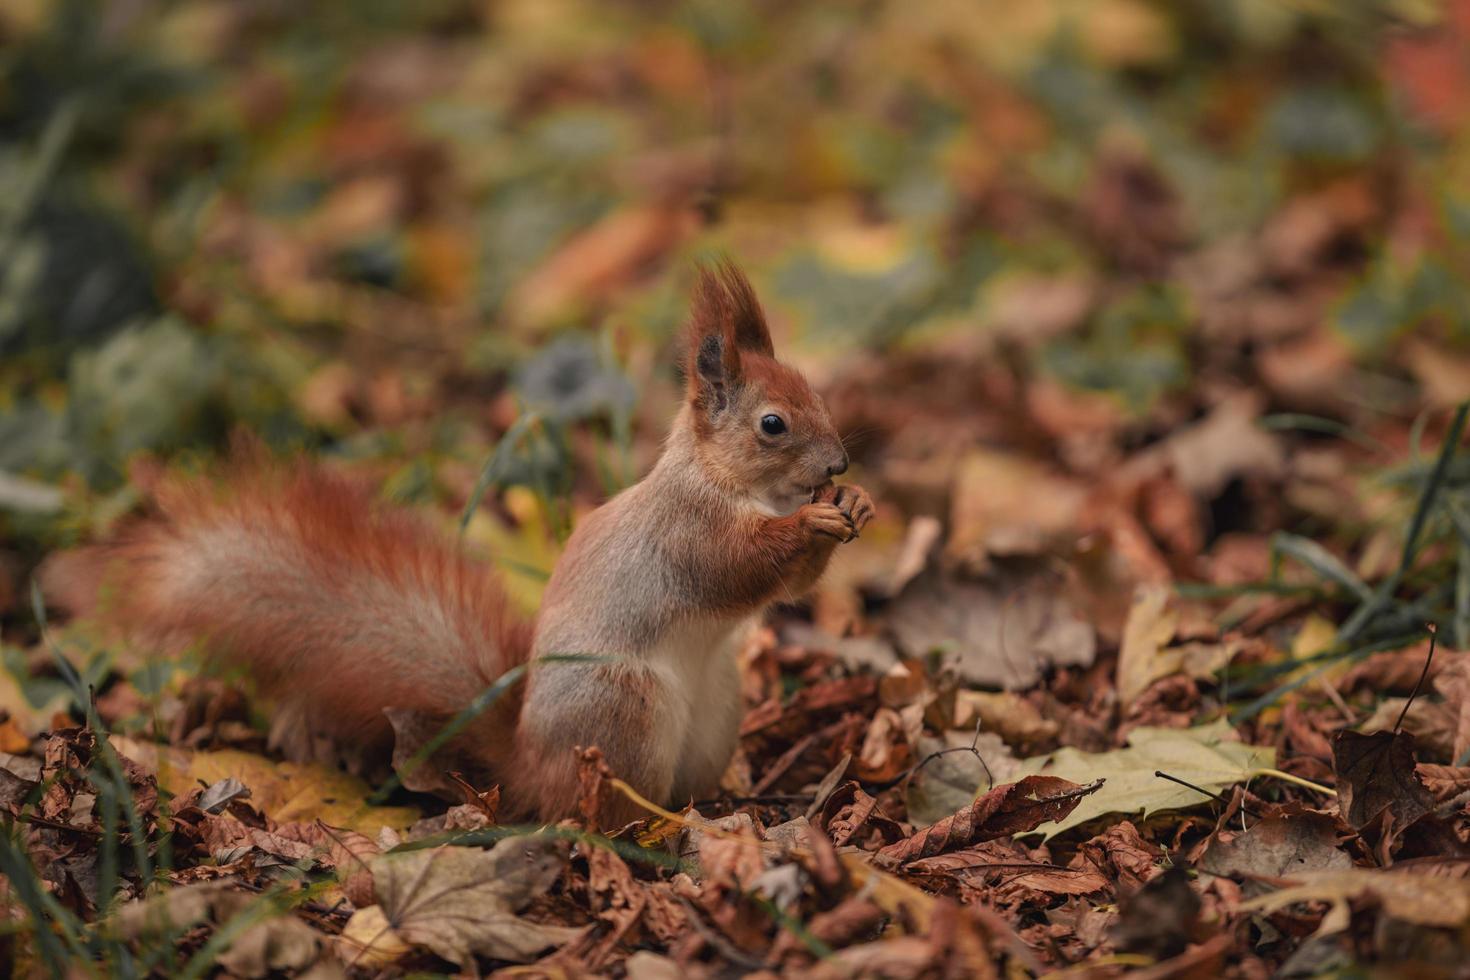 écureuil parmi les feuilles. écureuil dans la forêt d'automne au milieu des feuilles jaunes photo